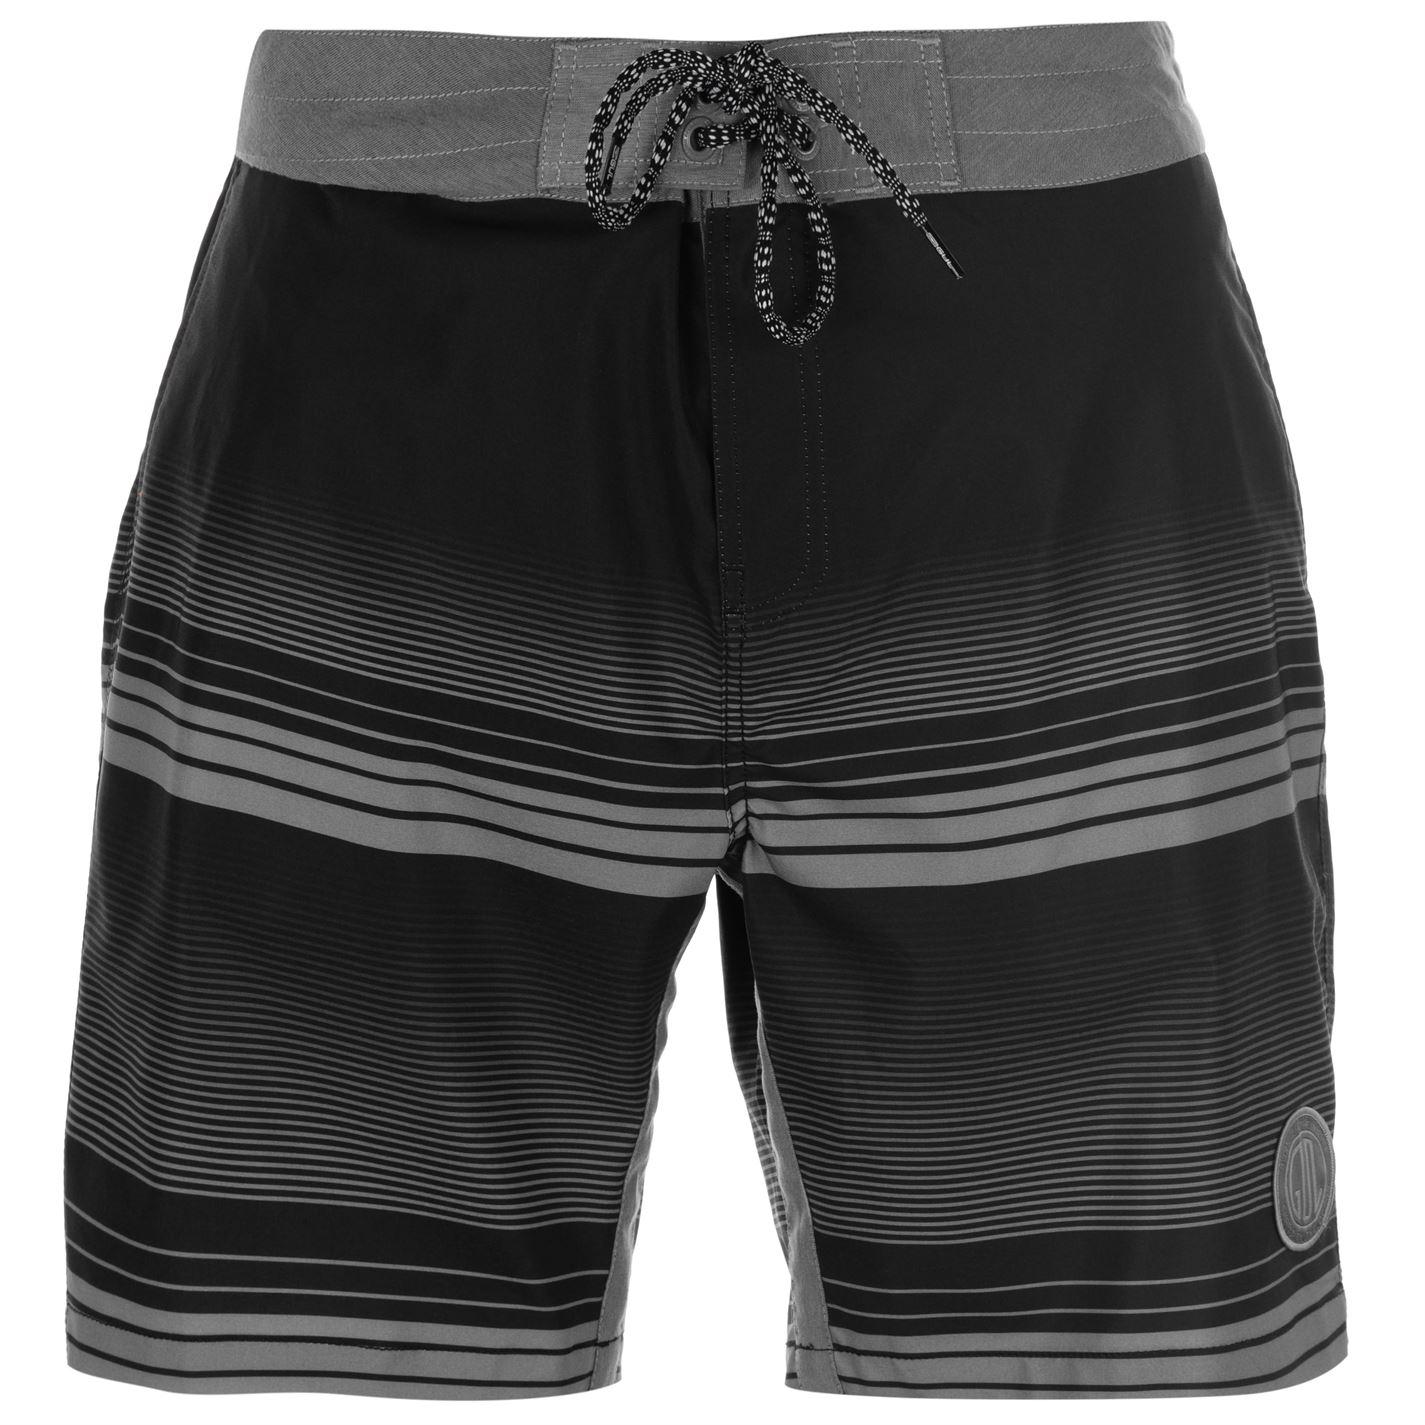 Mergi la Pantaloni scurti Gul Print Board pentru Barbati negru gri